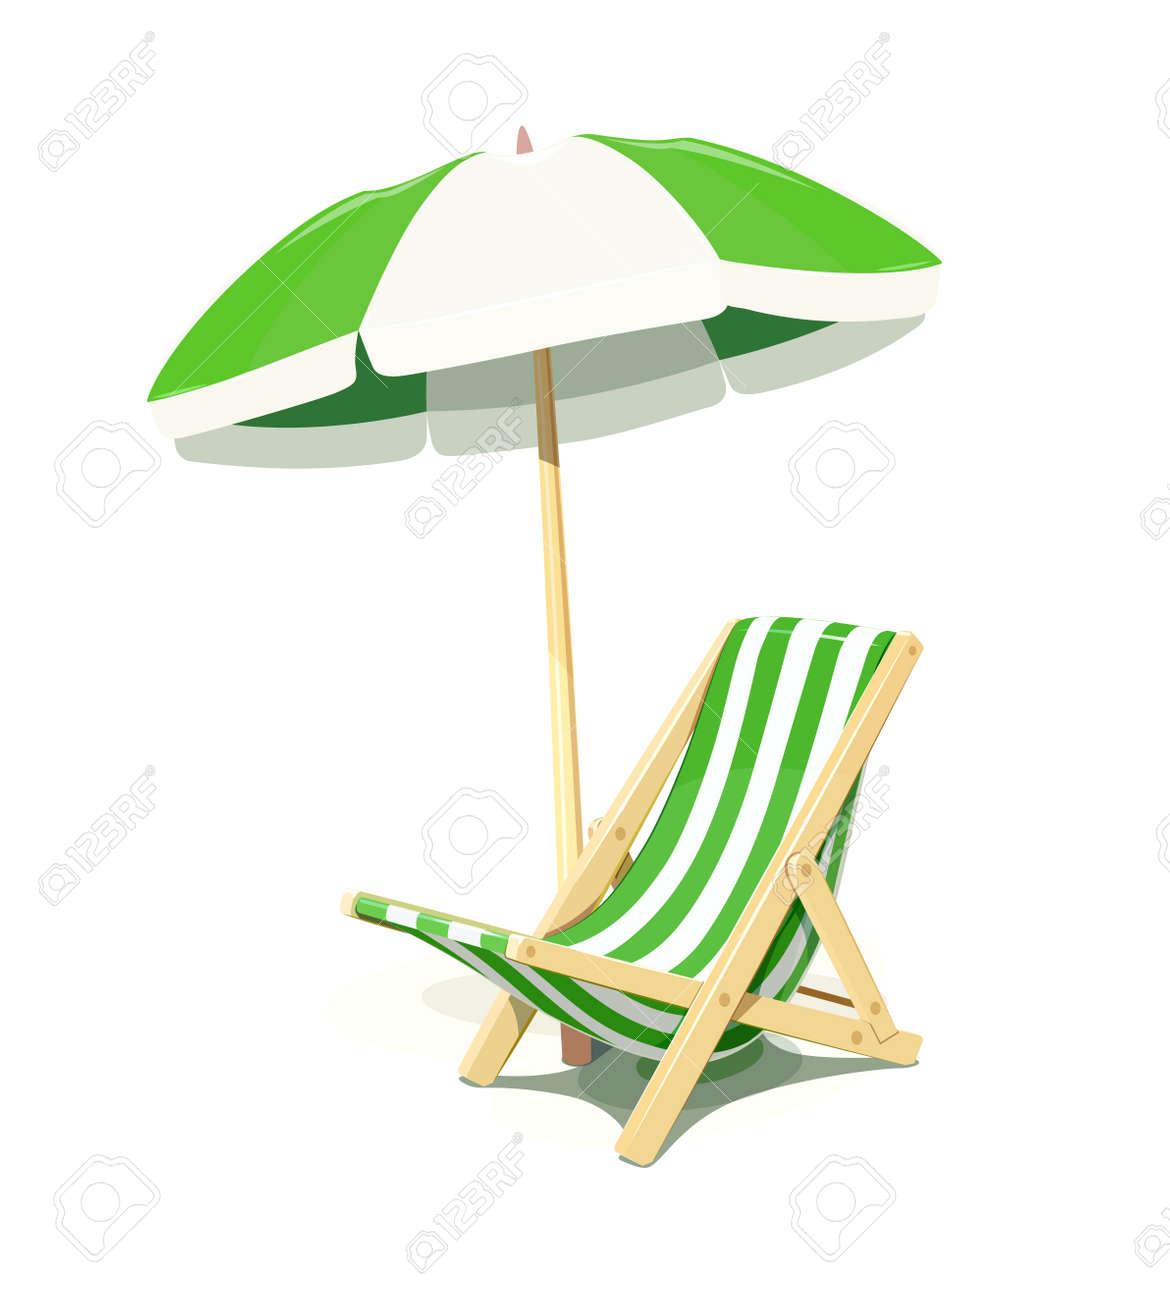 Strandstoel En Parasol.Strandstoel En Parasol Voor Zomerse Rust Geisoleerde Witte Achtergrond Eps10 Vector Illustratie